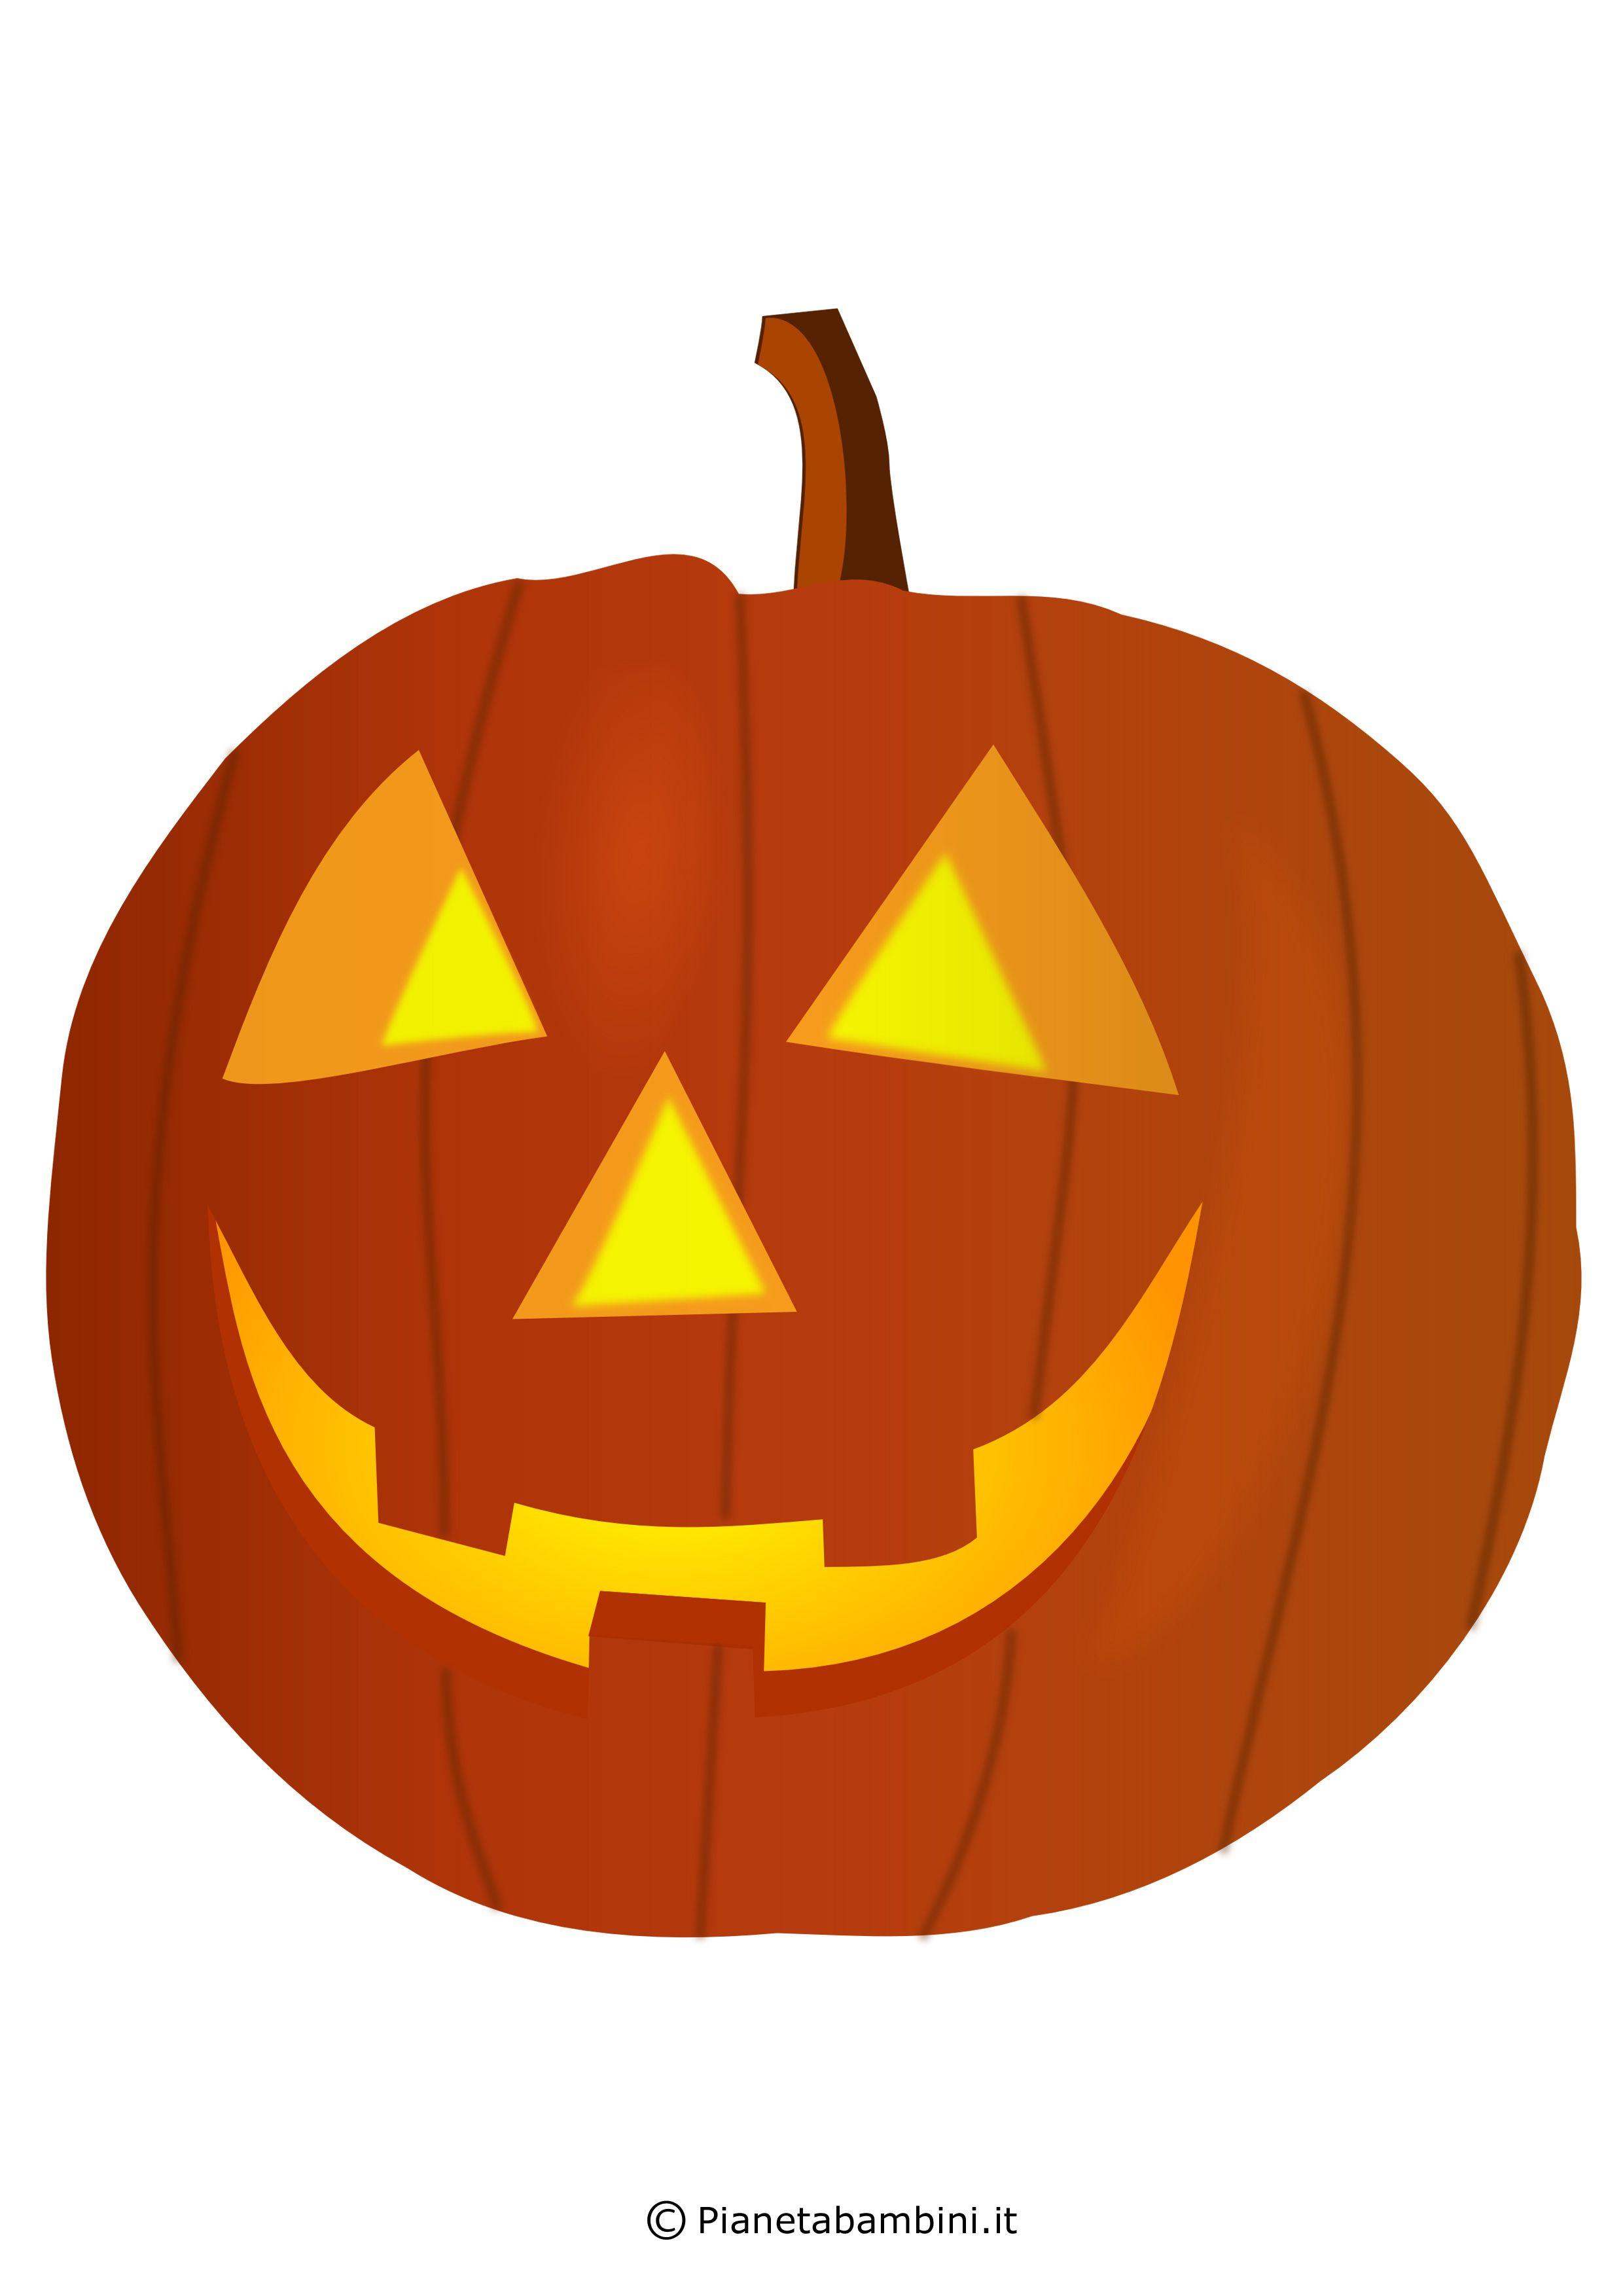 Intagliare Zucca Per Halloween Disegni immagini di zucche di halloween da stampare e ritagliare